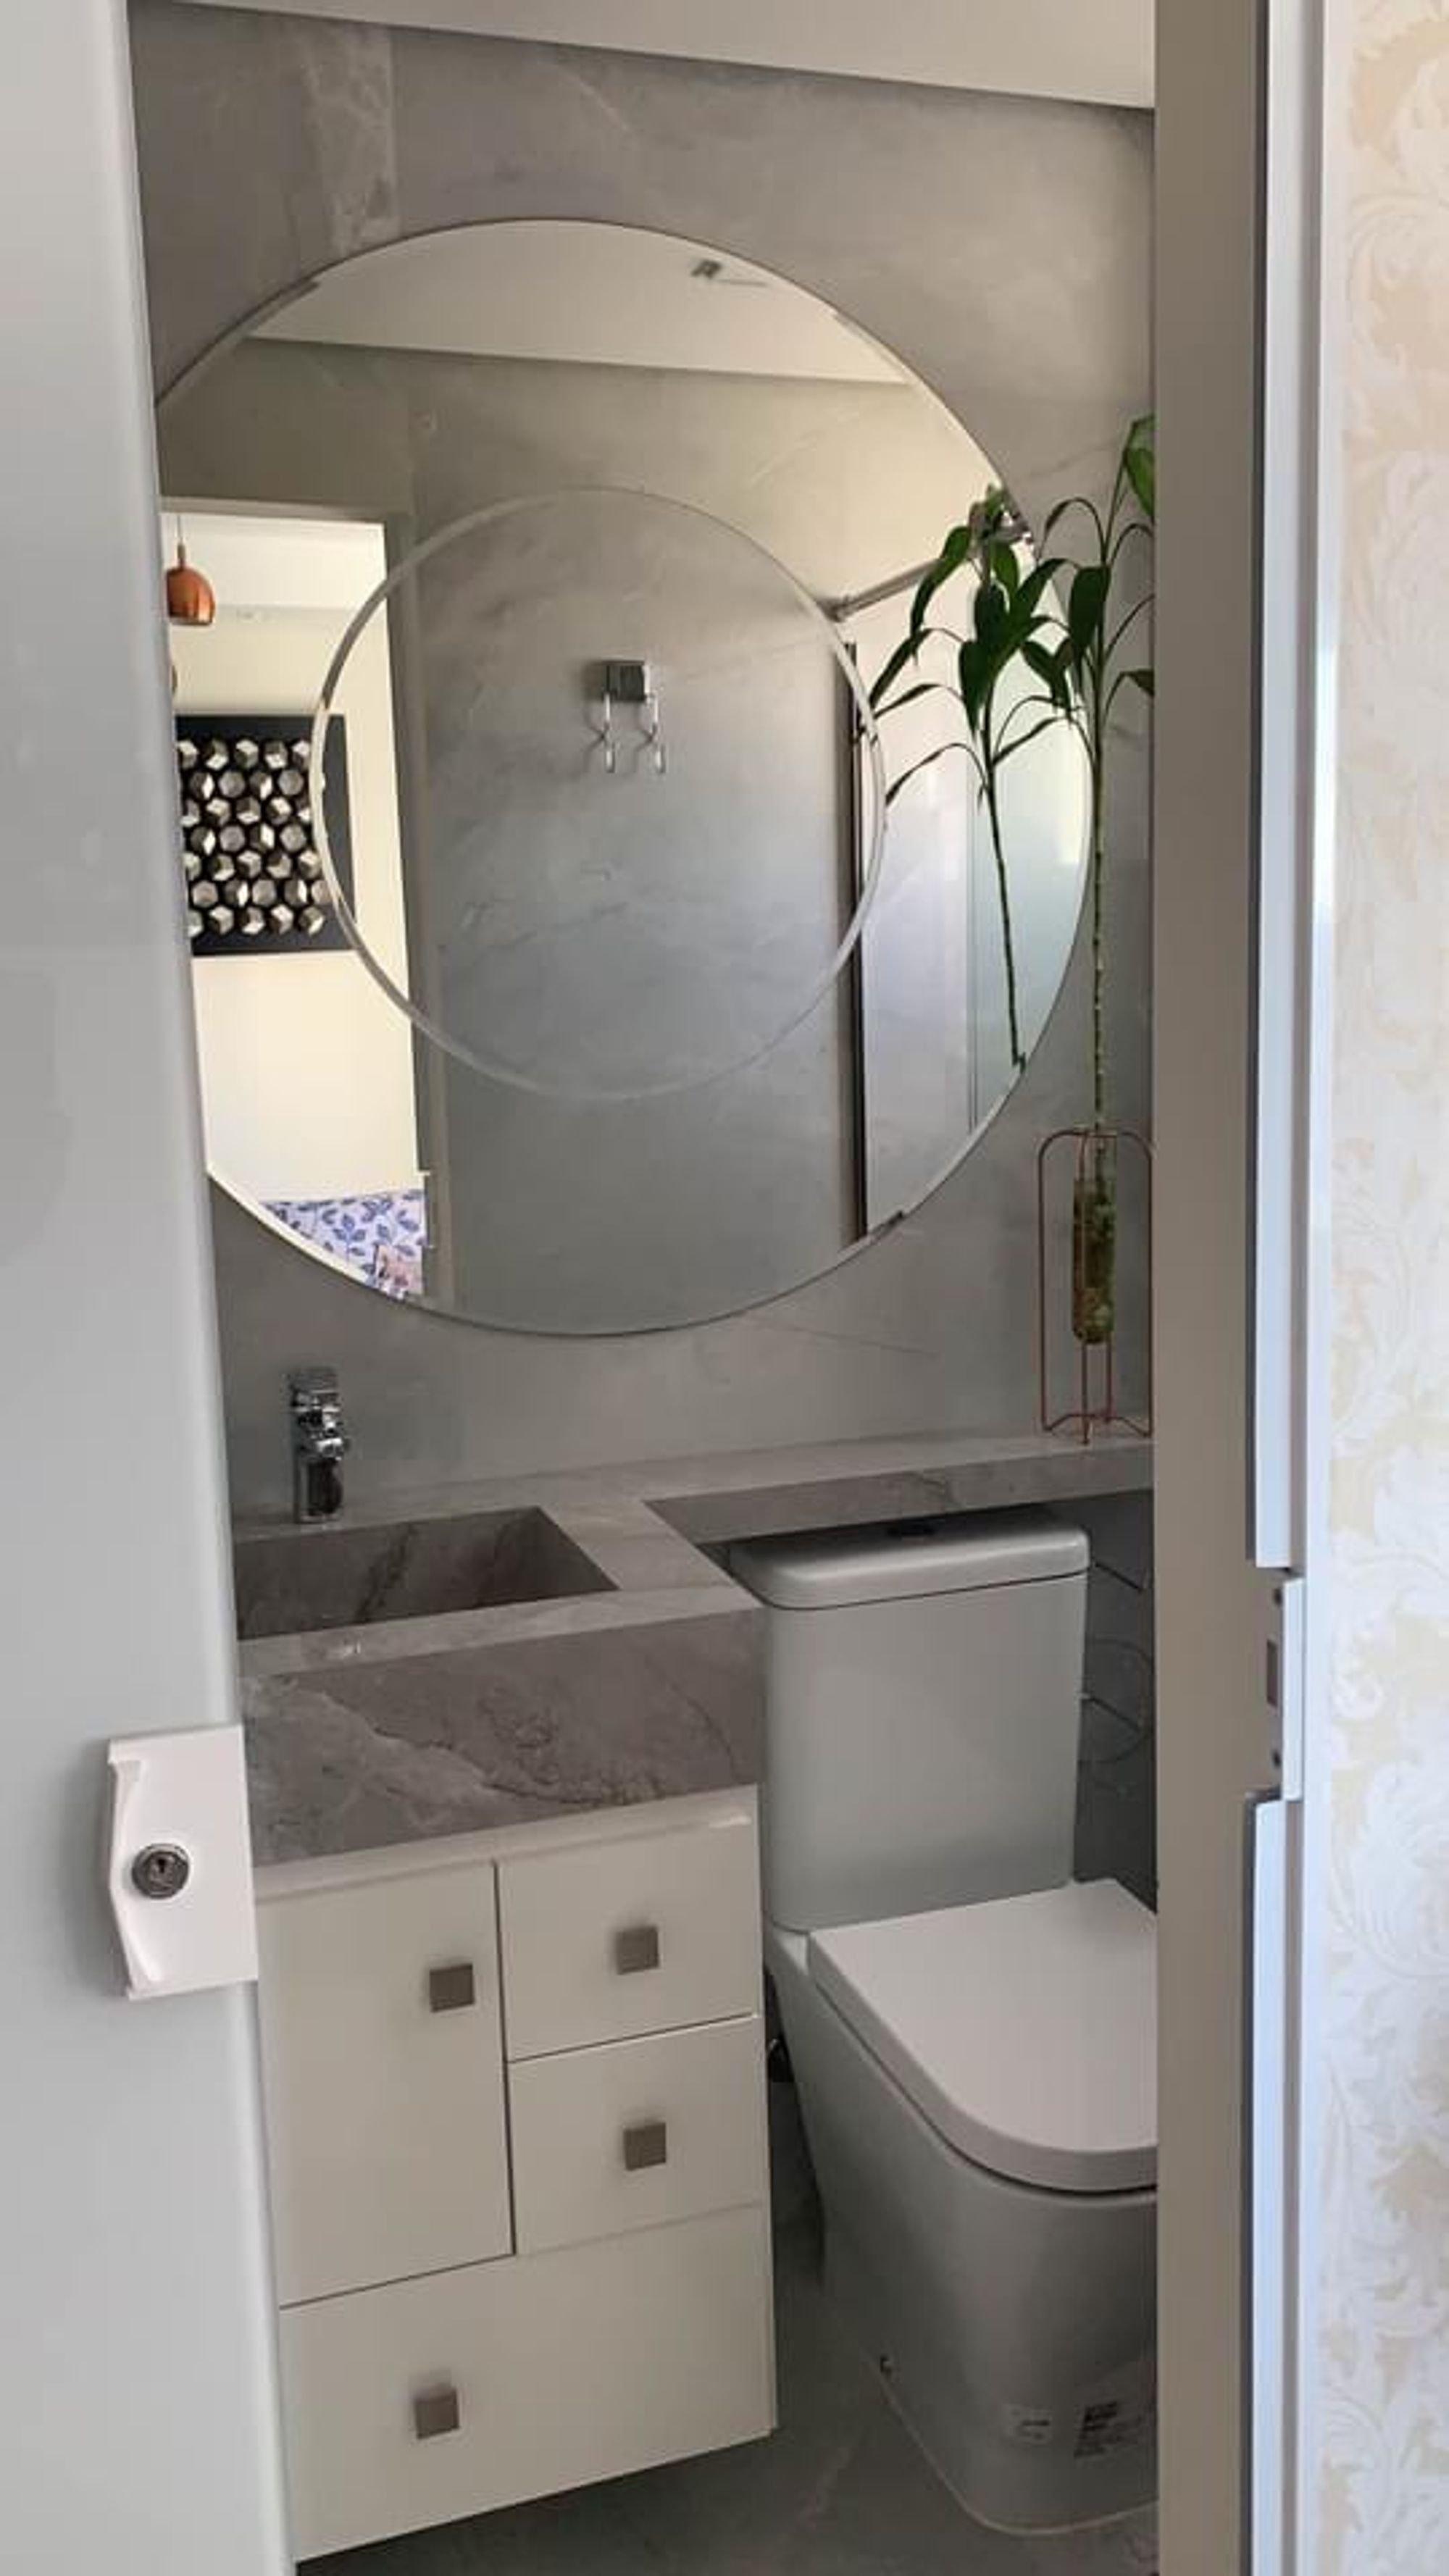 Foto de Hall com vaso de planta, vaso sanitário, pia